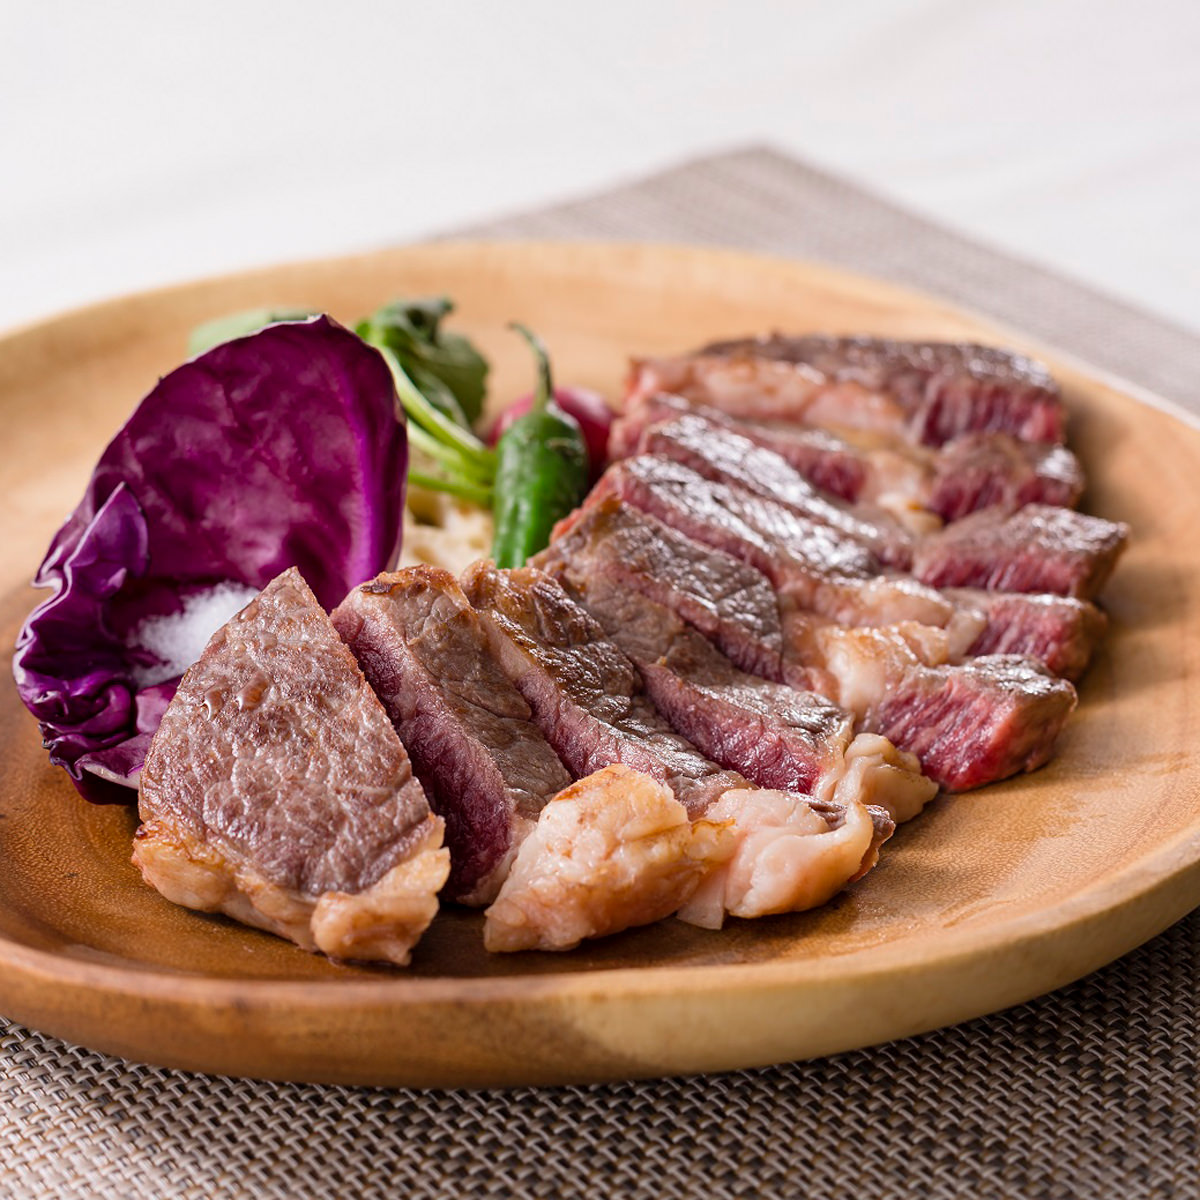 石井食品 発酵熟成肉1ポンドステーキ 460g USチャックアイロール 肩ロース 牛肉 〔460g×1〕